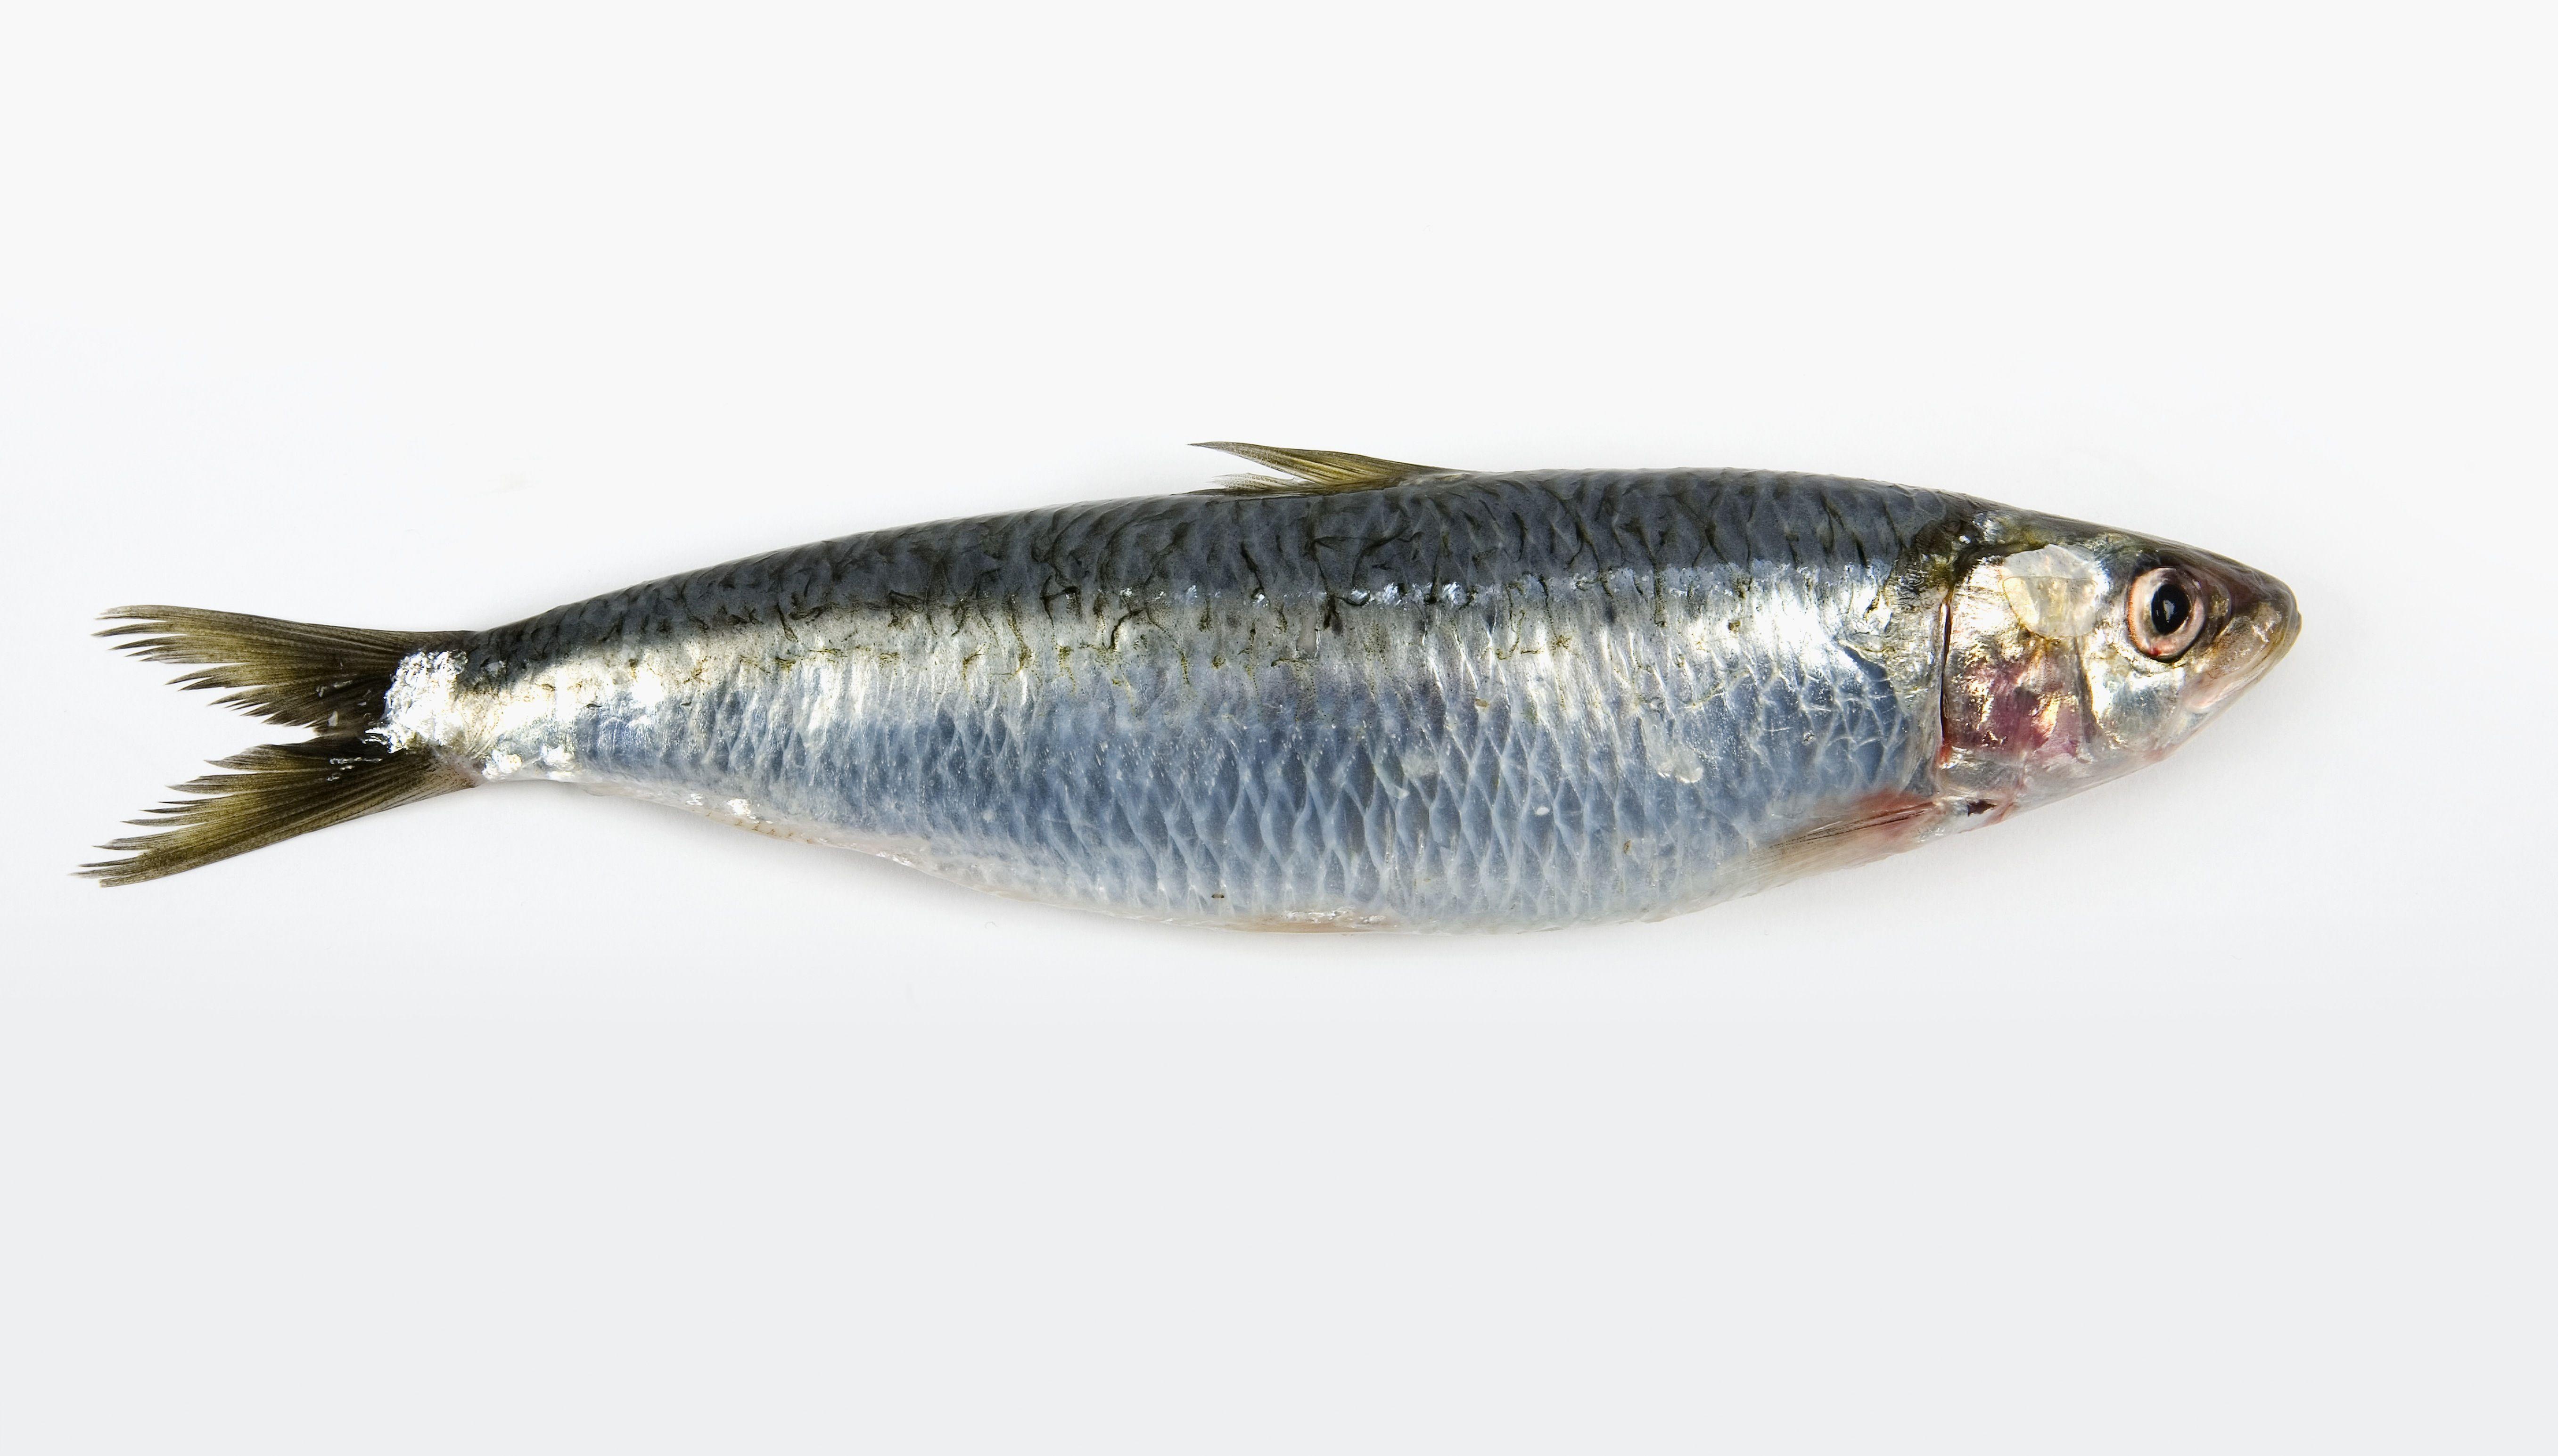 A single fresh whole sardine